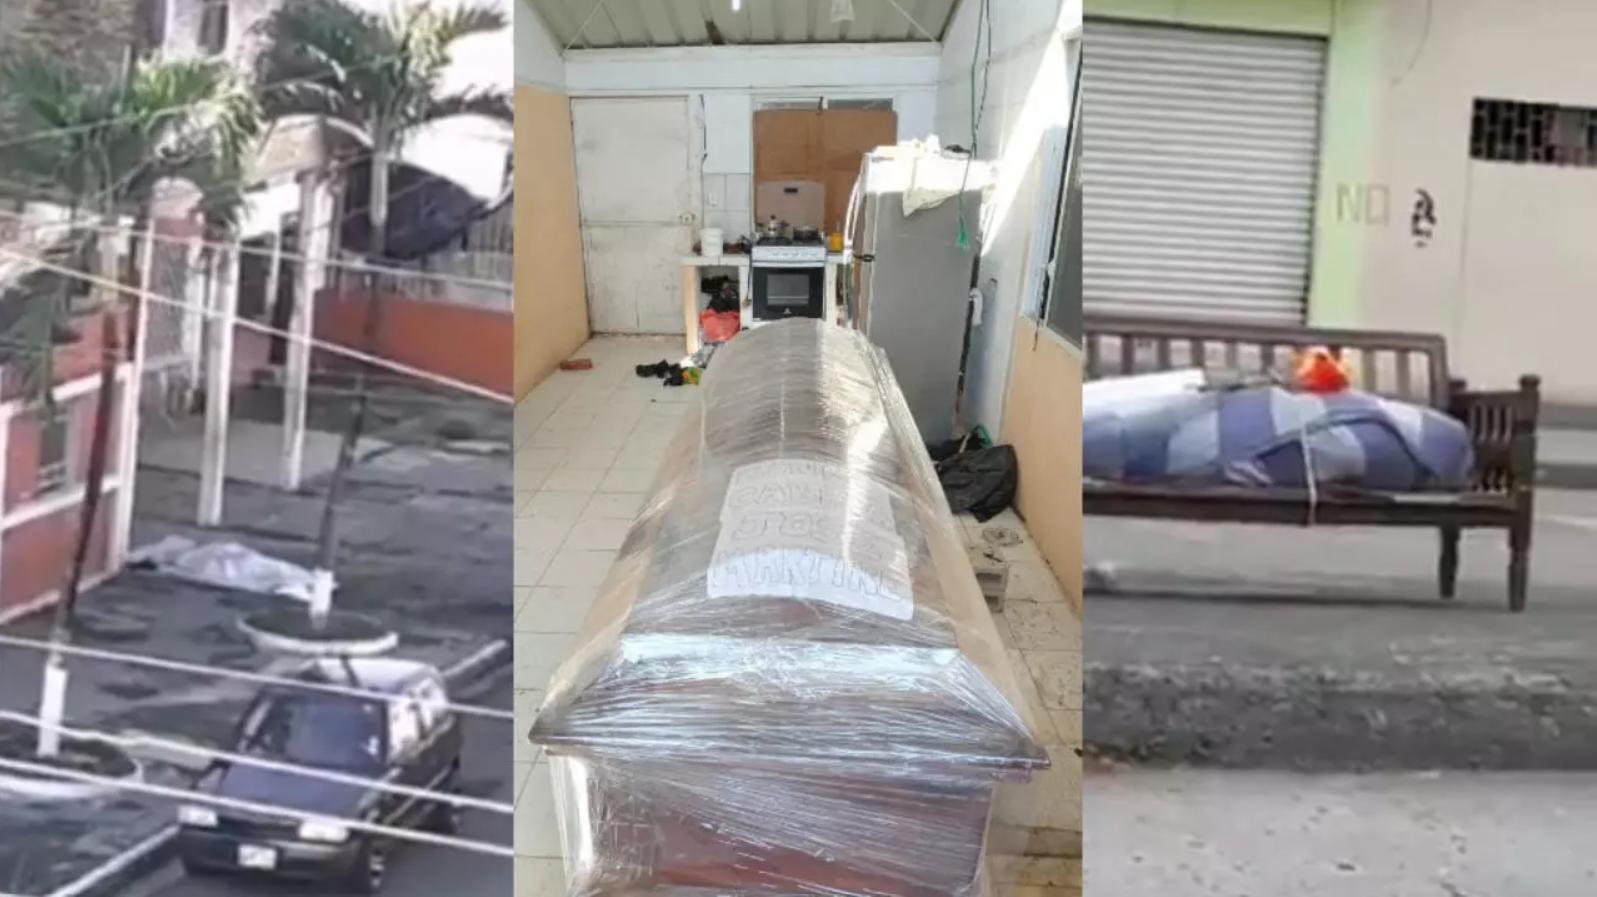 Plusieurs cadavres abandonnés dans les rues de Guayaquil et filmés ou photographiés par des passants au mois d'avril.